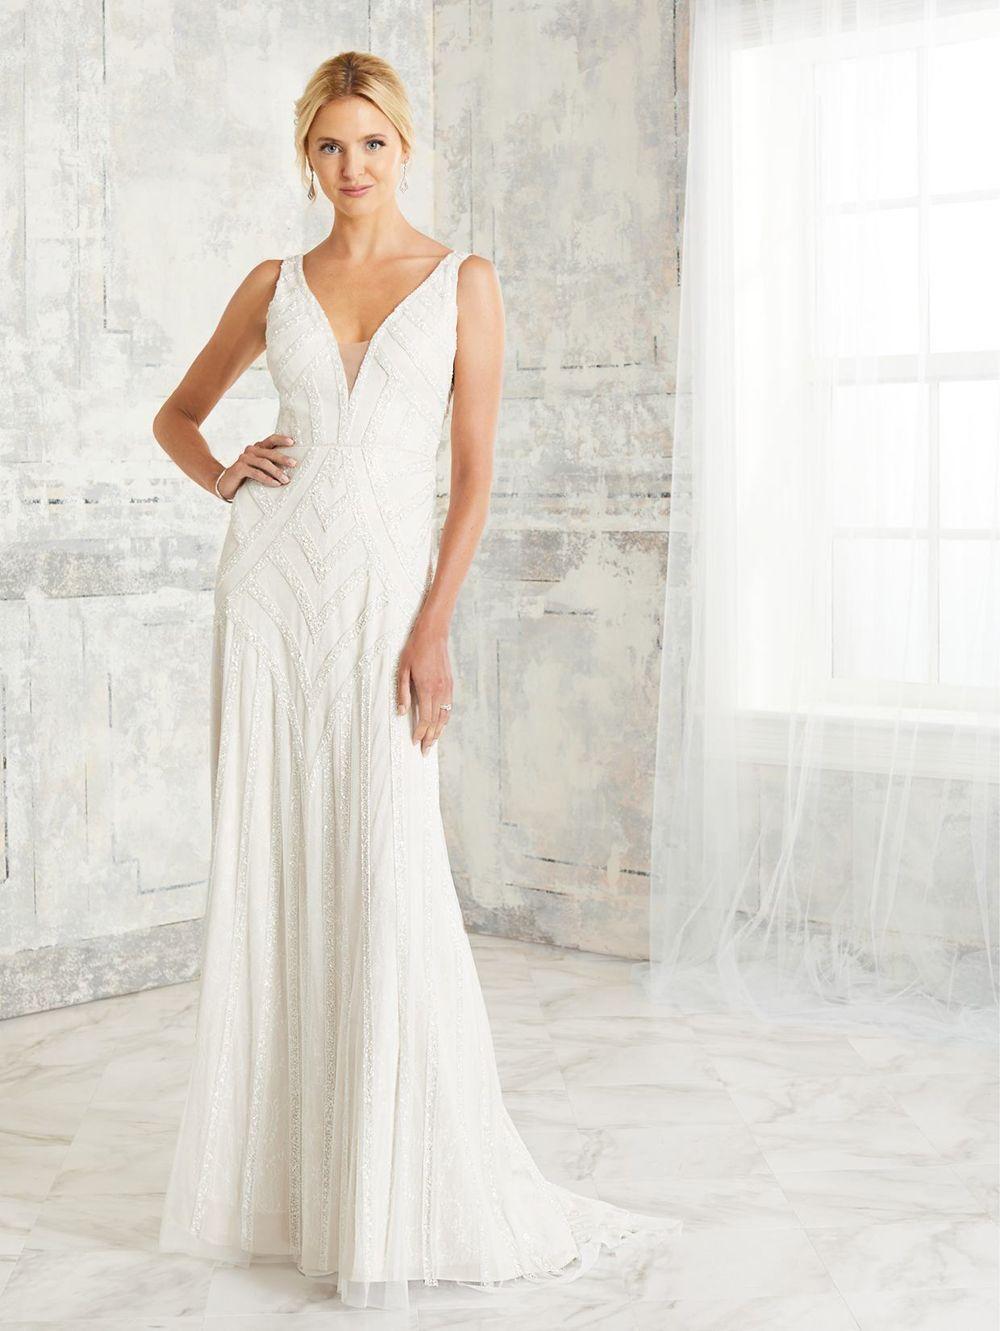 Wedding Guest Dress Adrianna Papell Wedding Guest Dress Long Sleeve Cocktail Dress Dresses [ 1080 x 865 Pixel ]